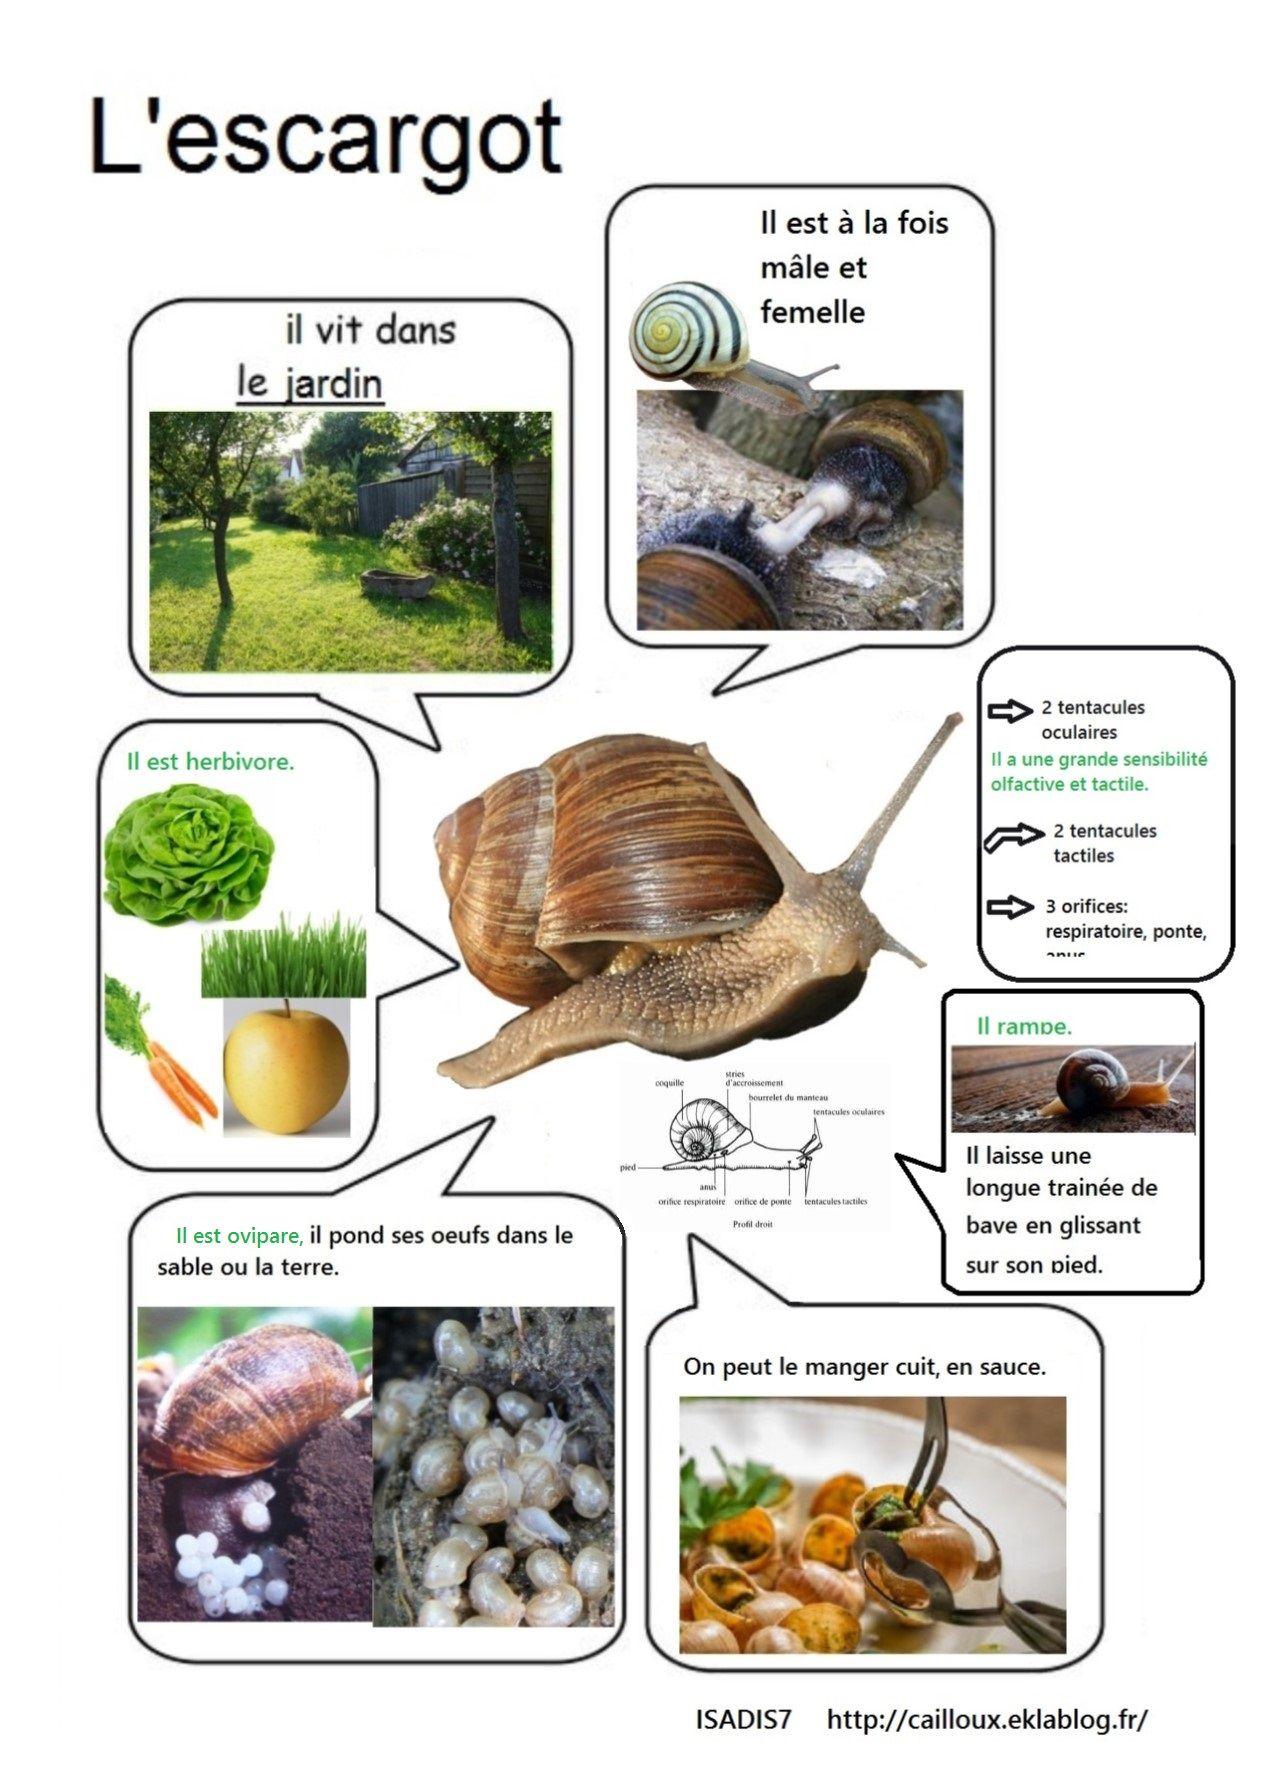 Notre Élevage D'escargots (Avec Images)   Escargot pour Elevage Escargot